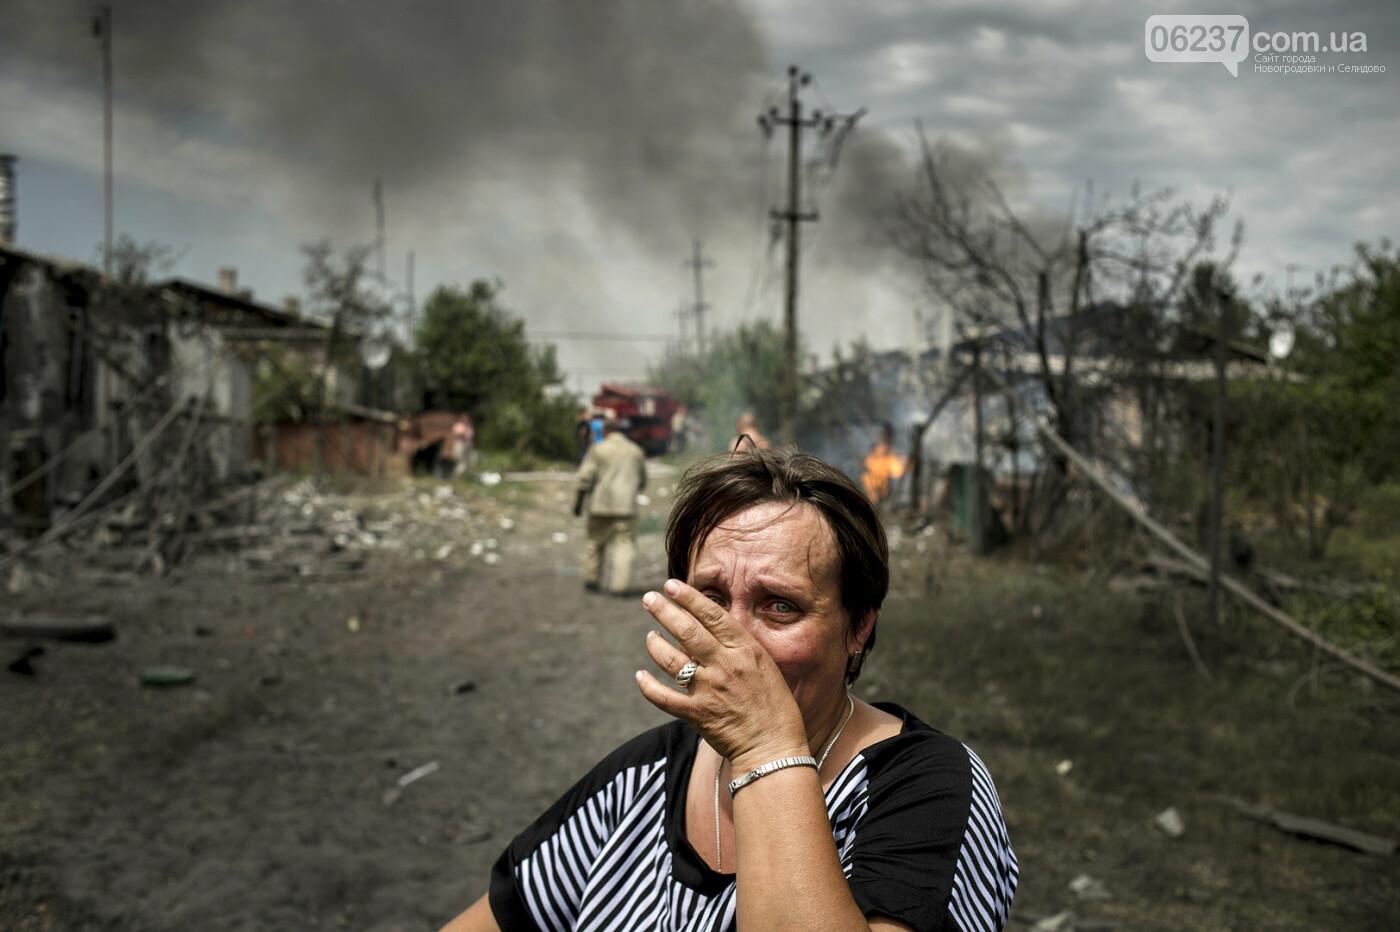 Более 3 330 убитых мирных жителей, 1,3 млн стали ВПЛ за годы войны на Донбассе, фото-1